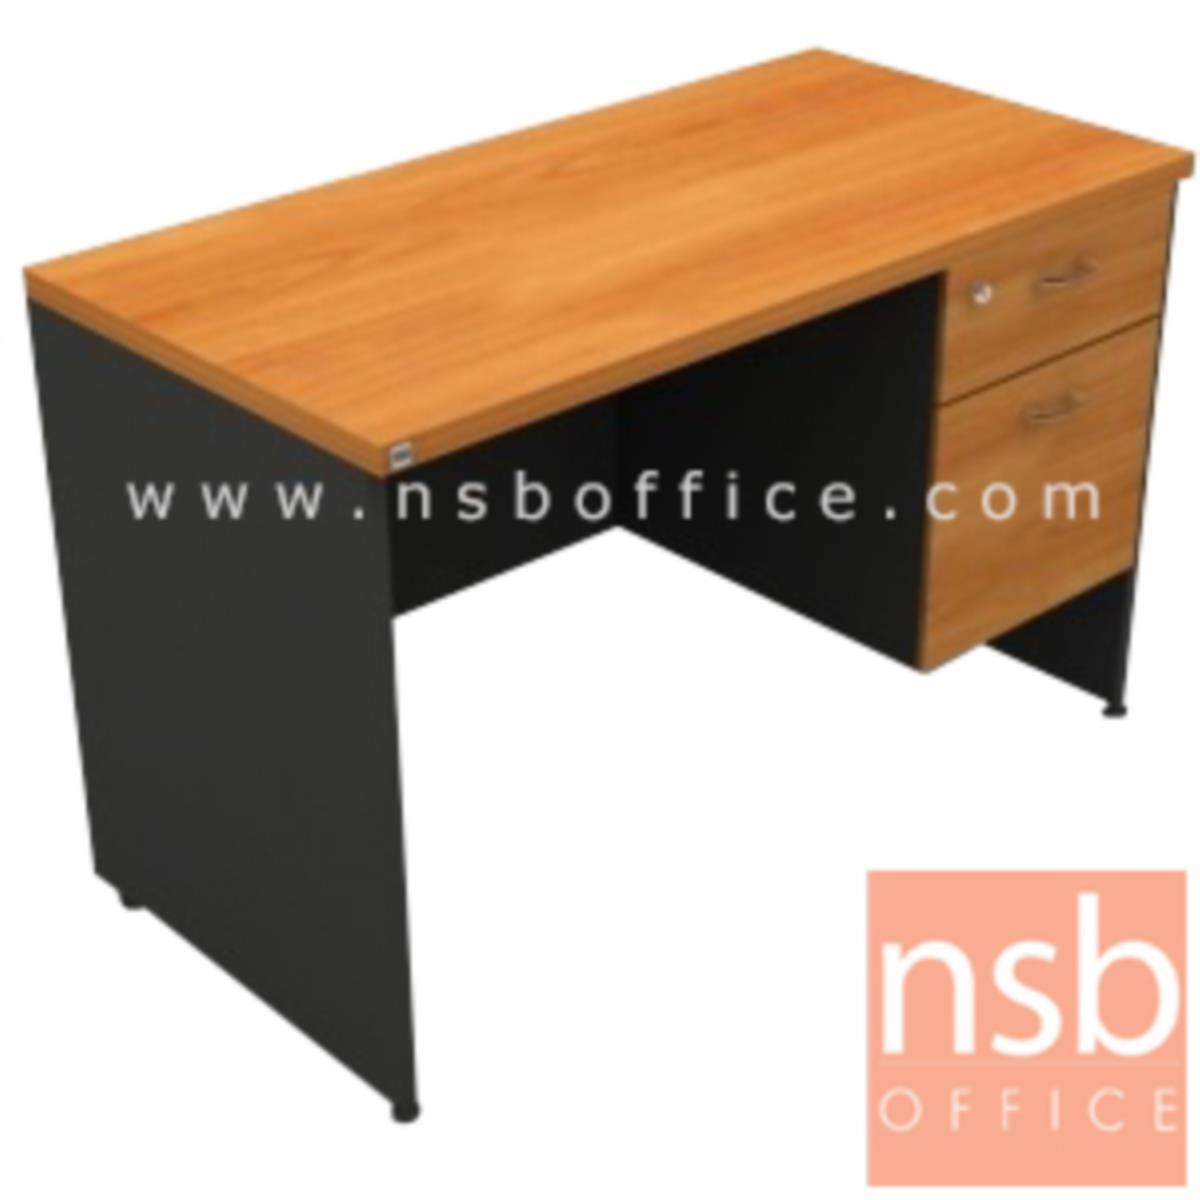 โต๊ะทำงาน 2 ลิ้นชัก  รุ่น Kirshner ขนาด 150W cm. เมลามีน สีเชอร์รี่ดำ